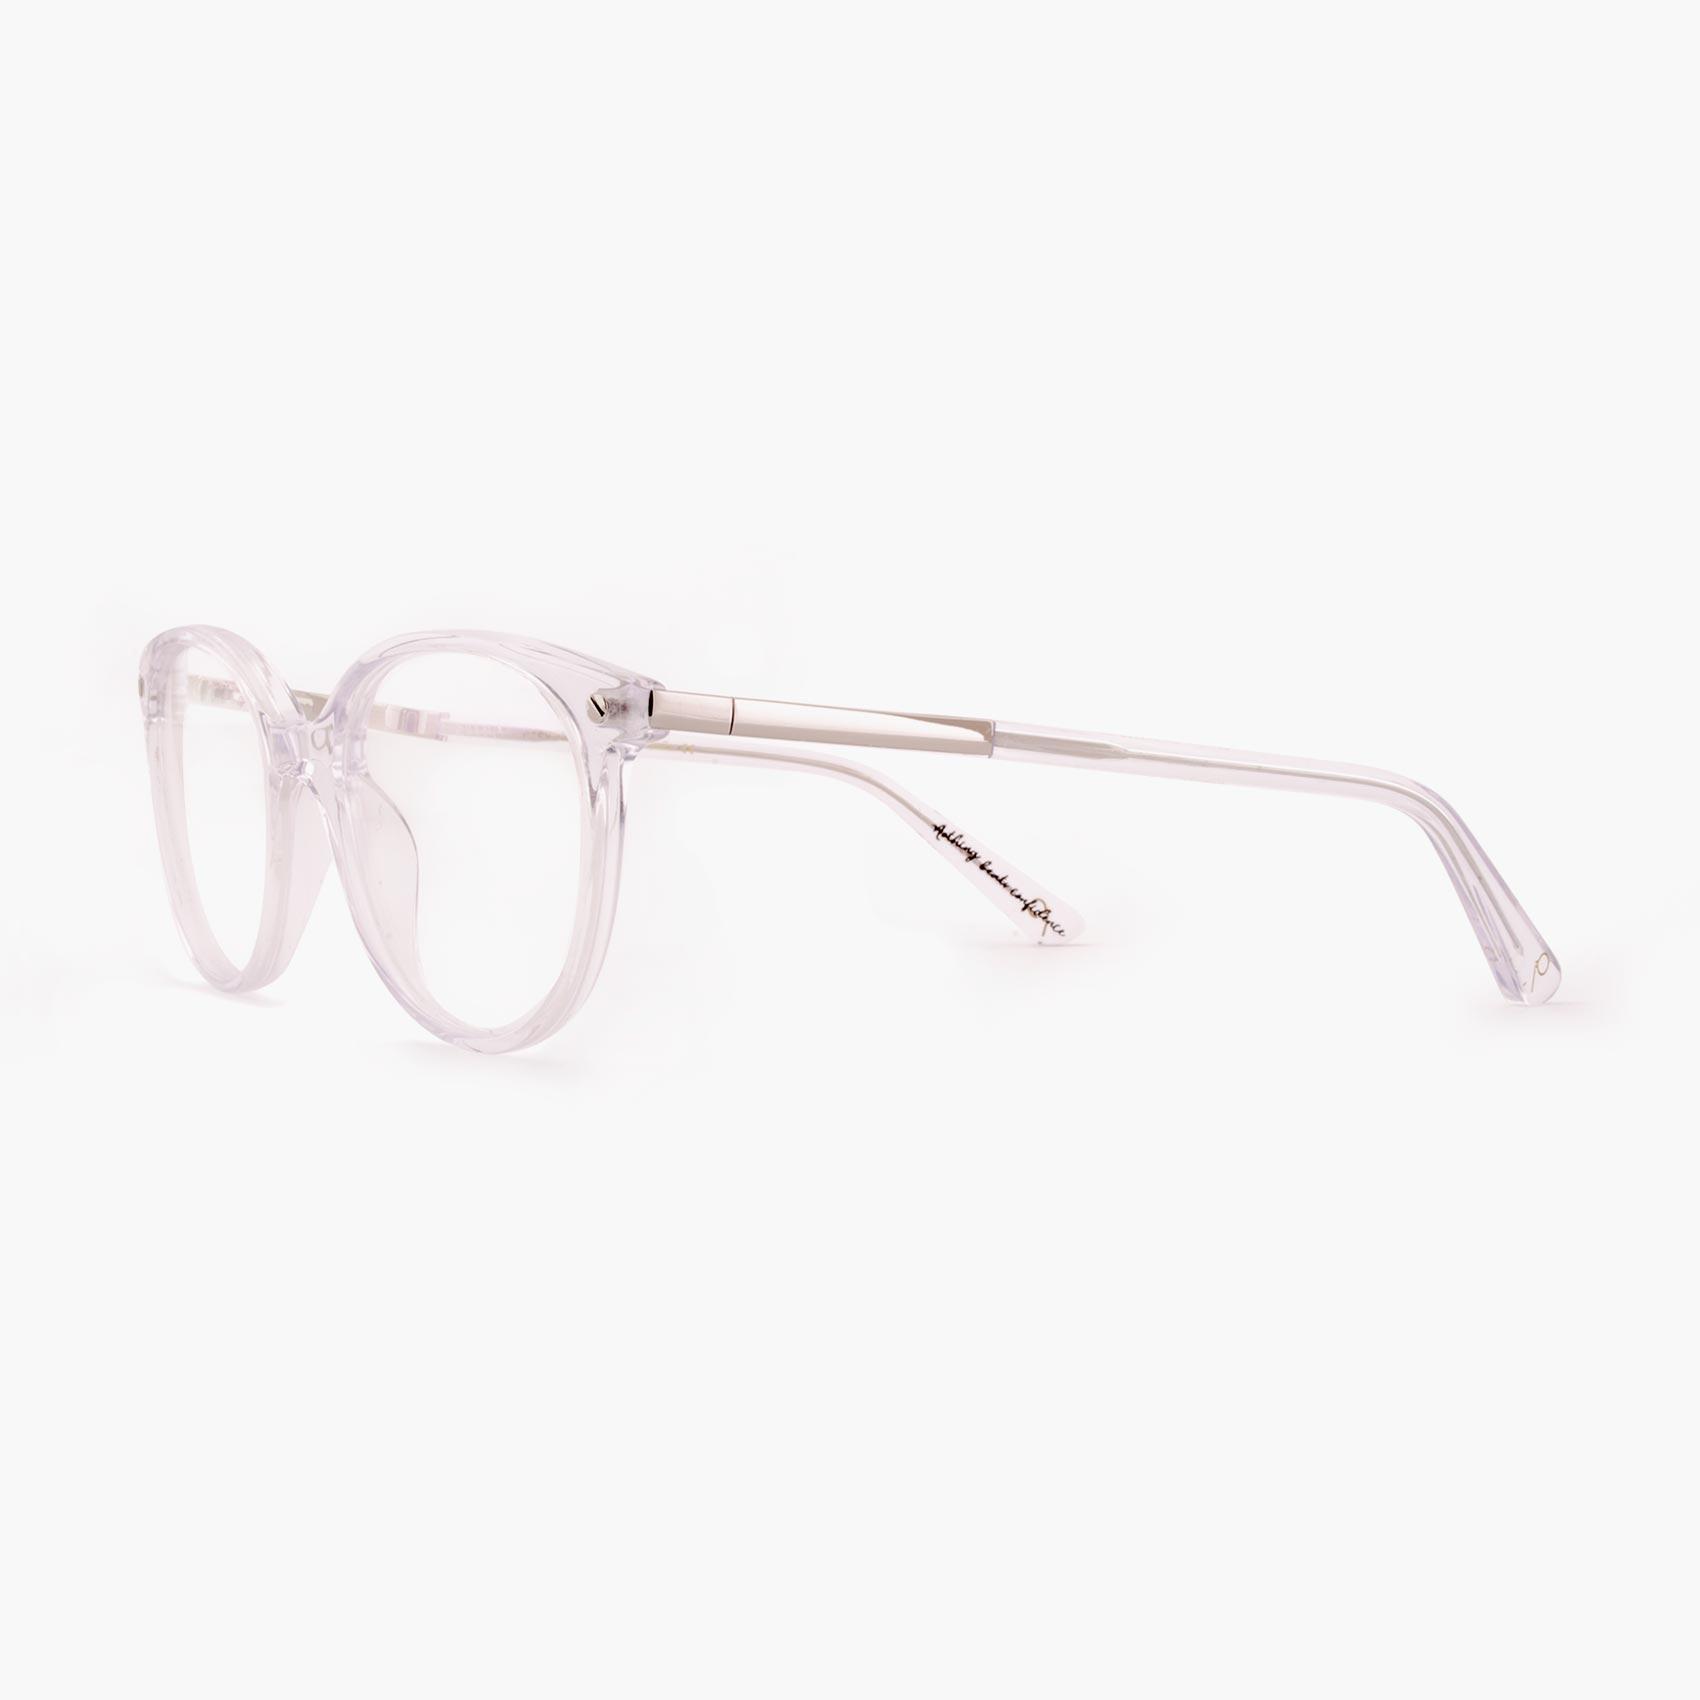 Proud eyewear Charlize C4 L montura gafas mujer transparentes